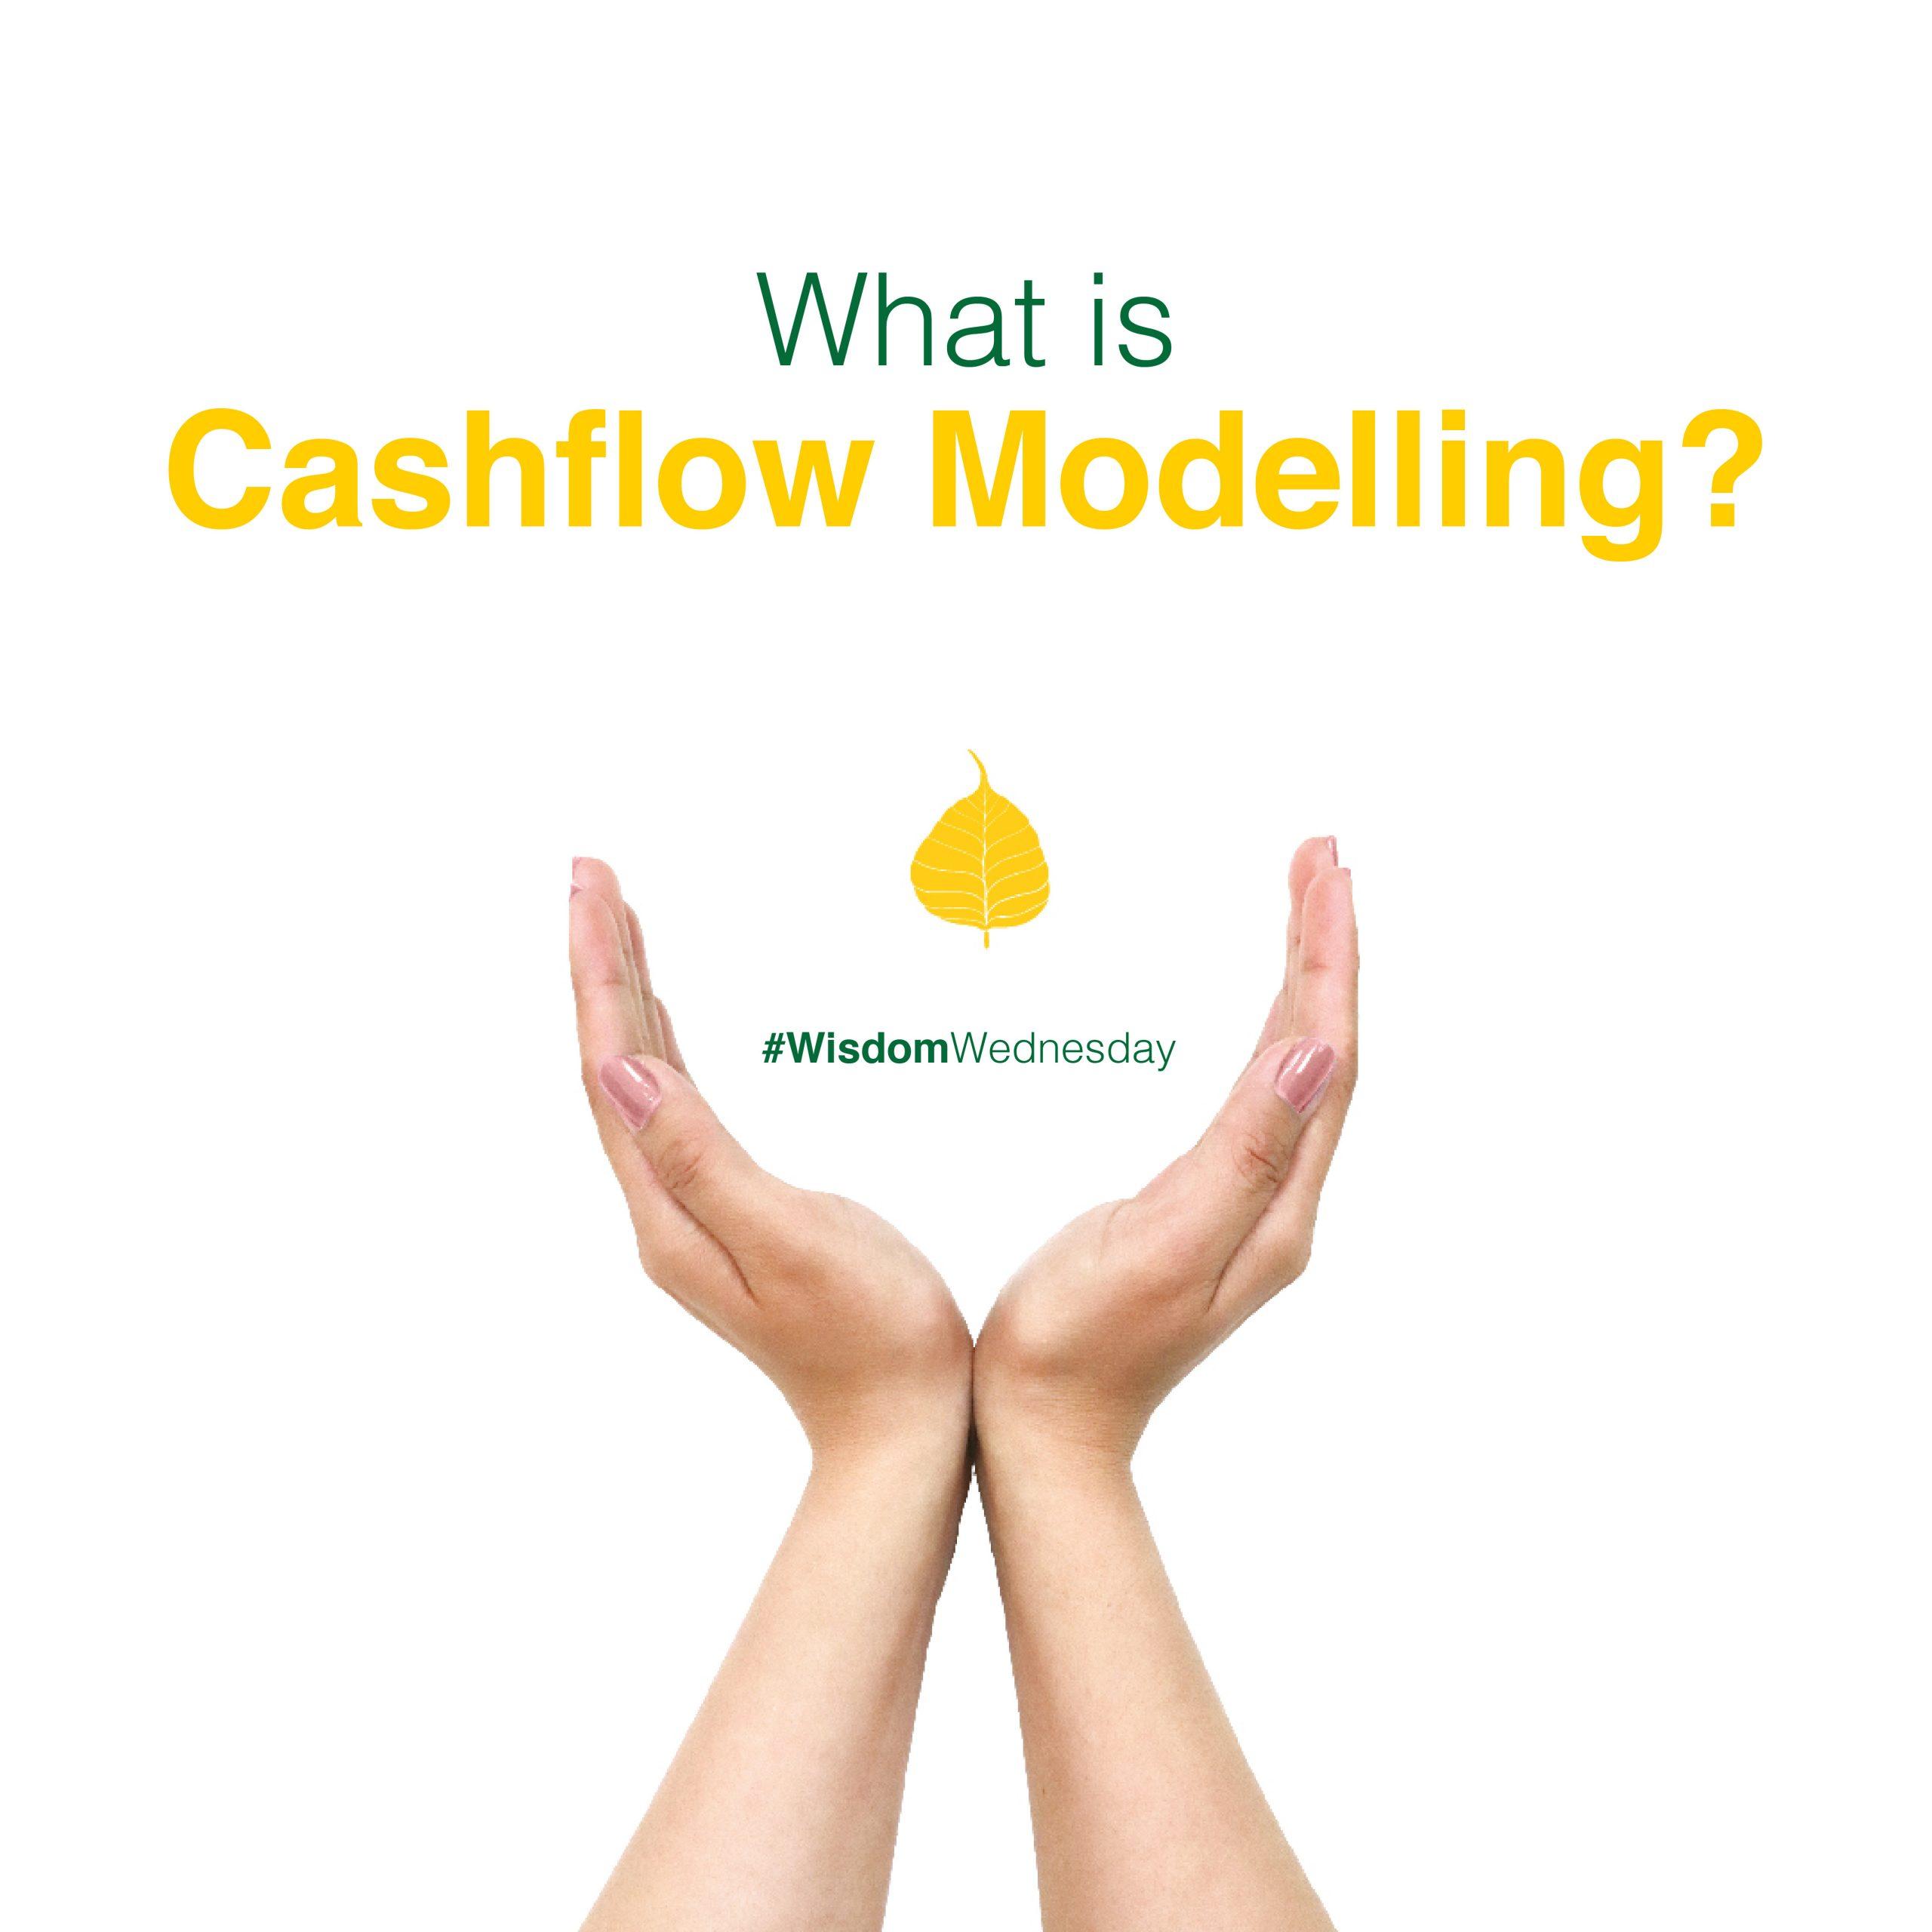 What is Cashflow Modelling?